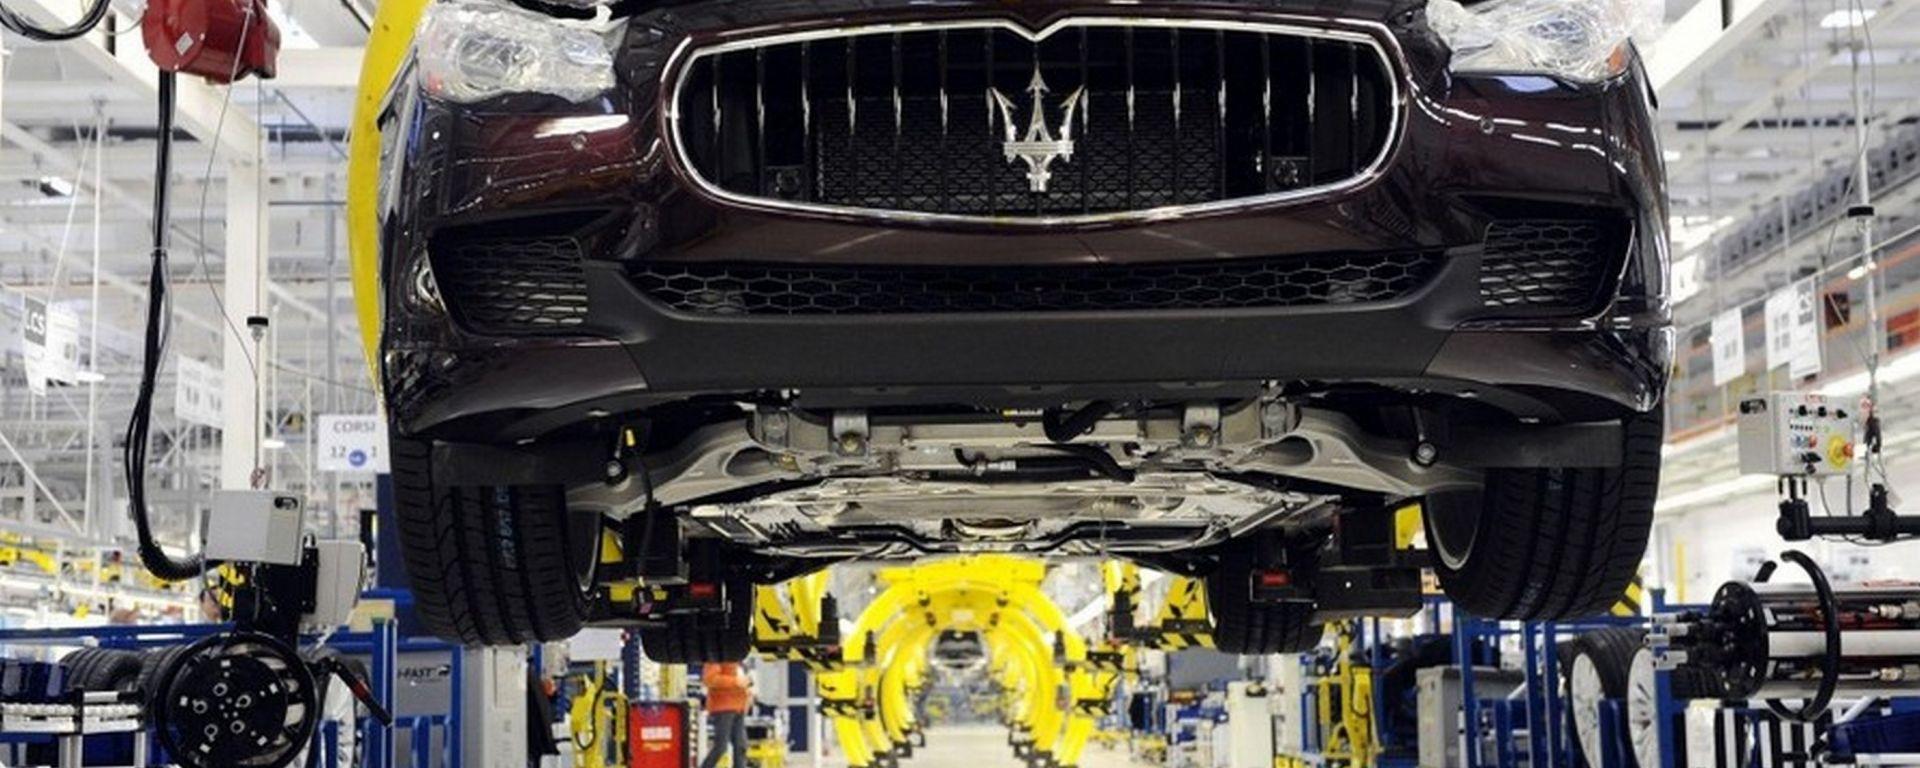 Gruppo FCA, Maserati e il polo del lusso torinese in calo